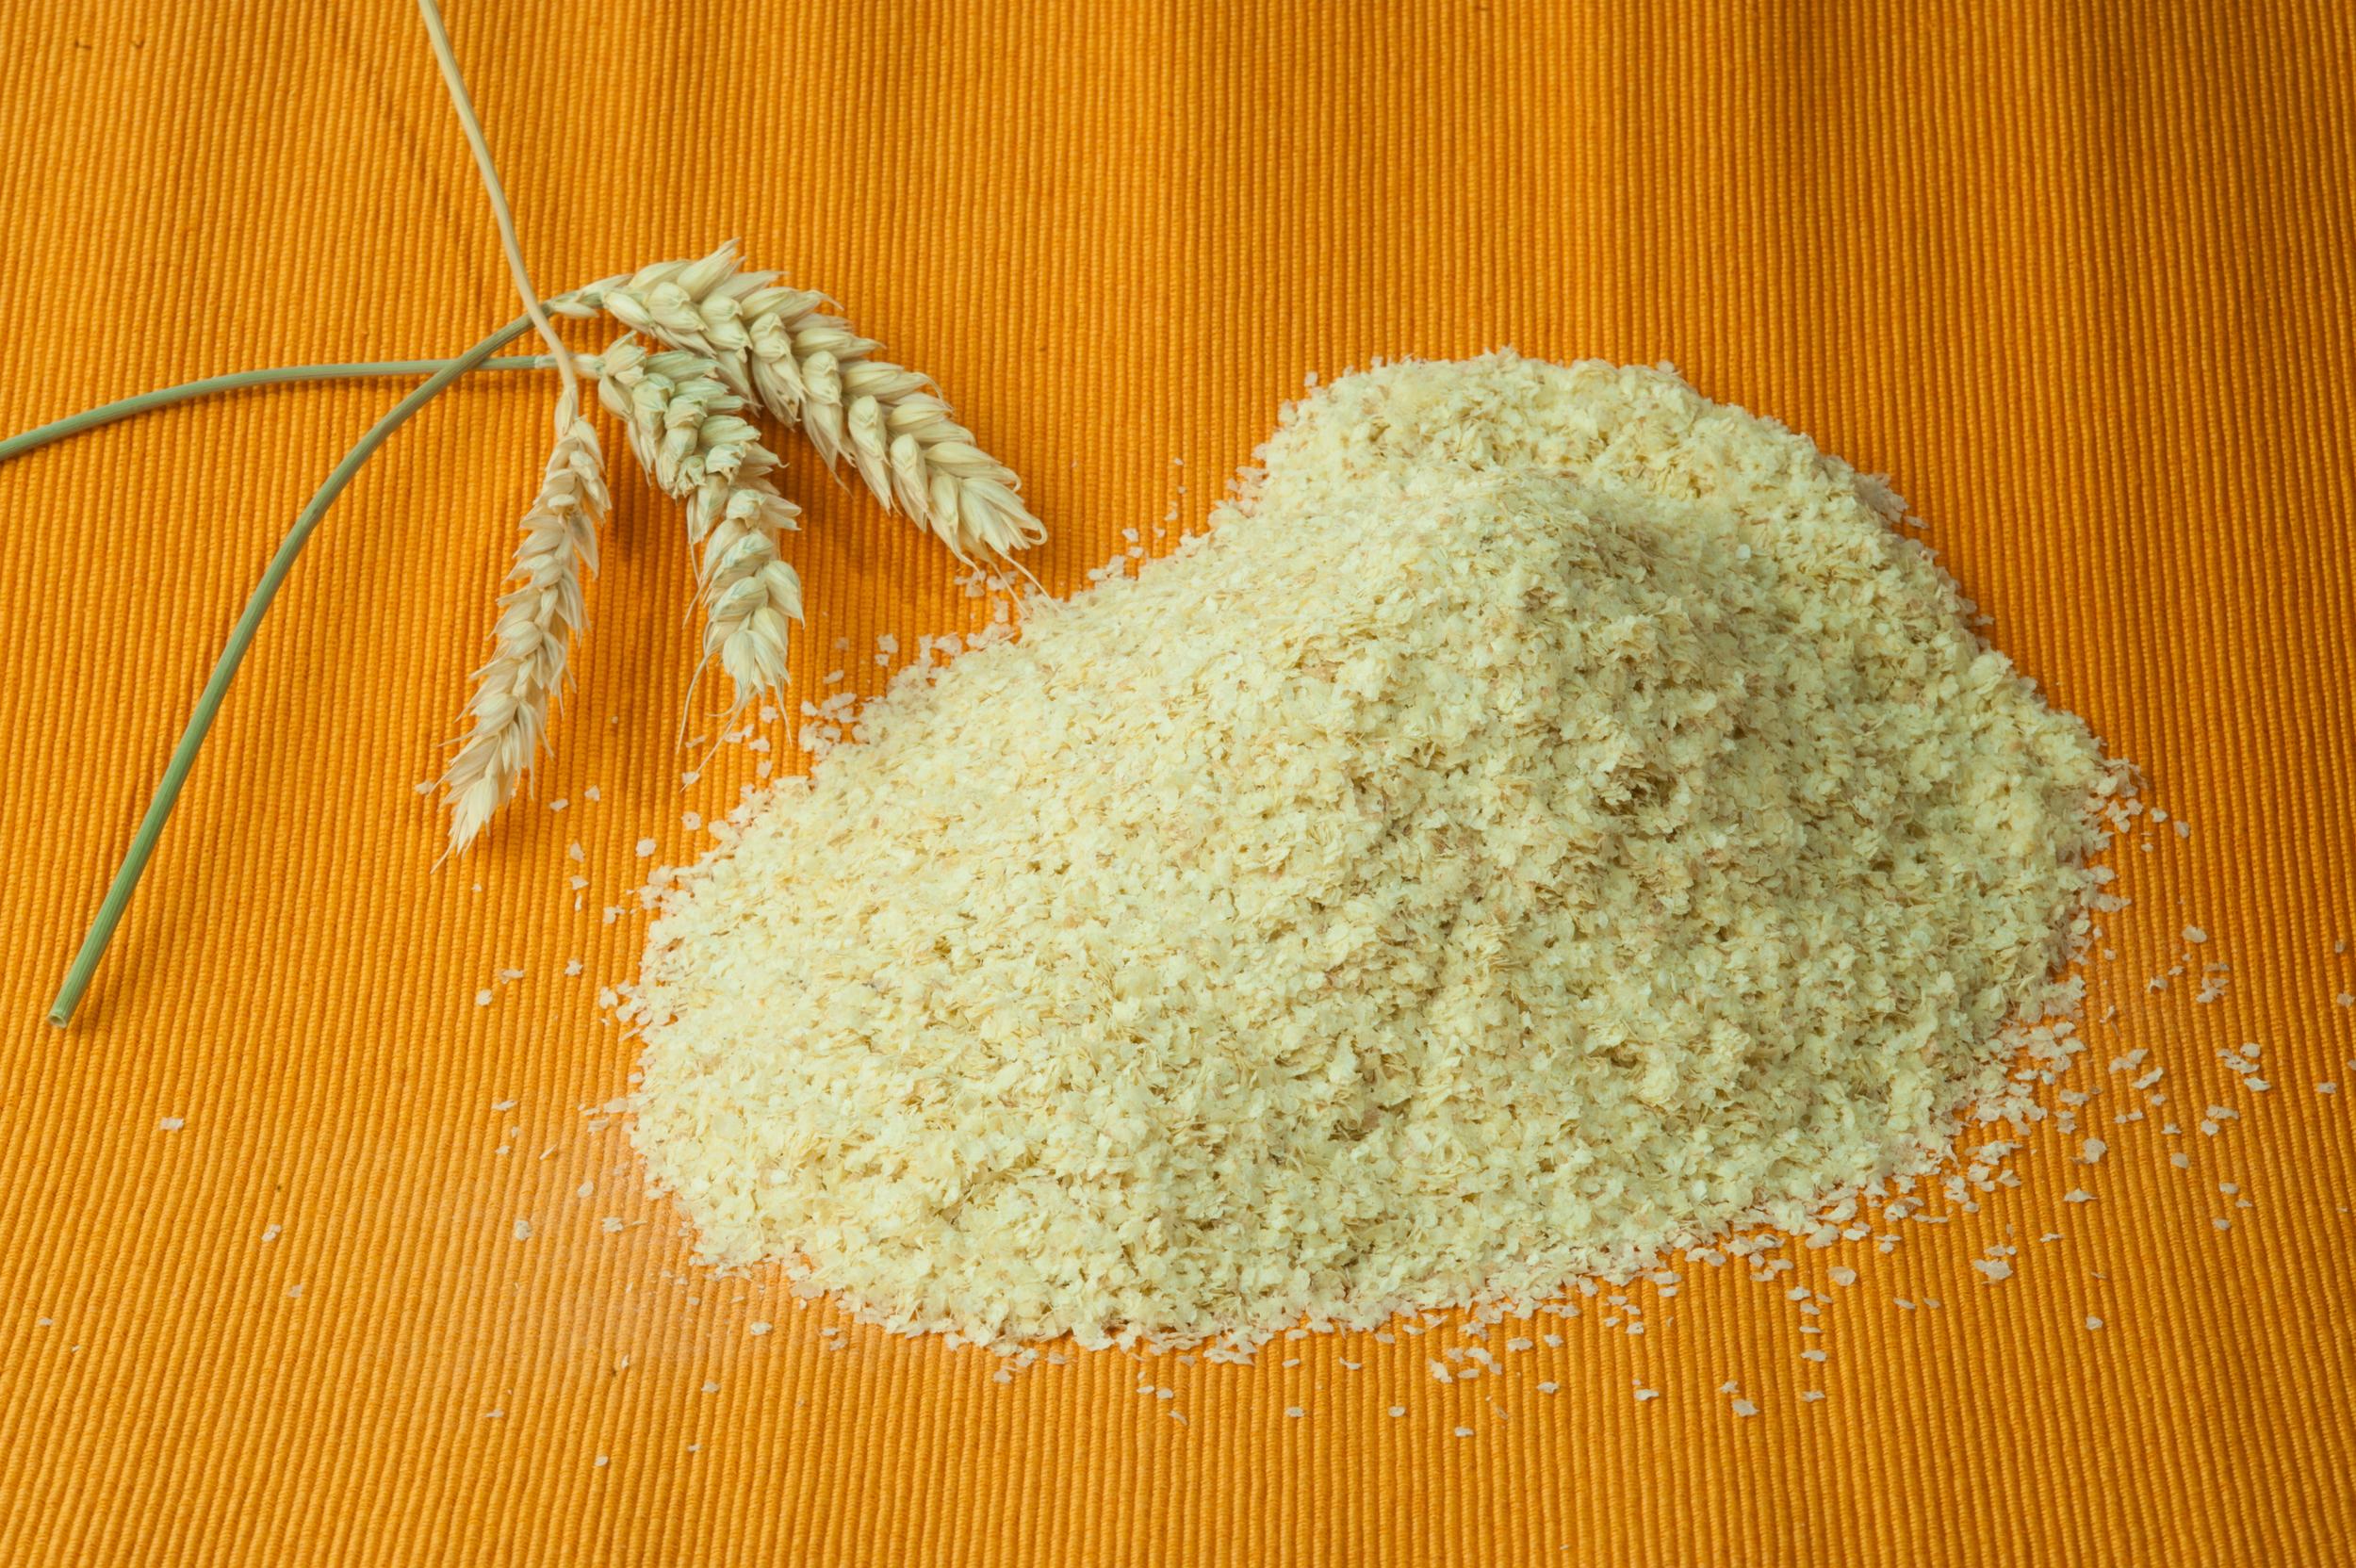 Germen de Trigo    Wheat Germ